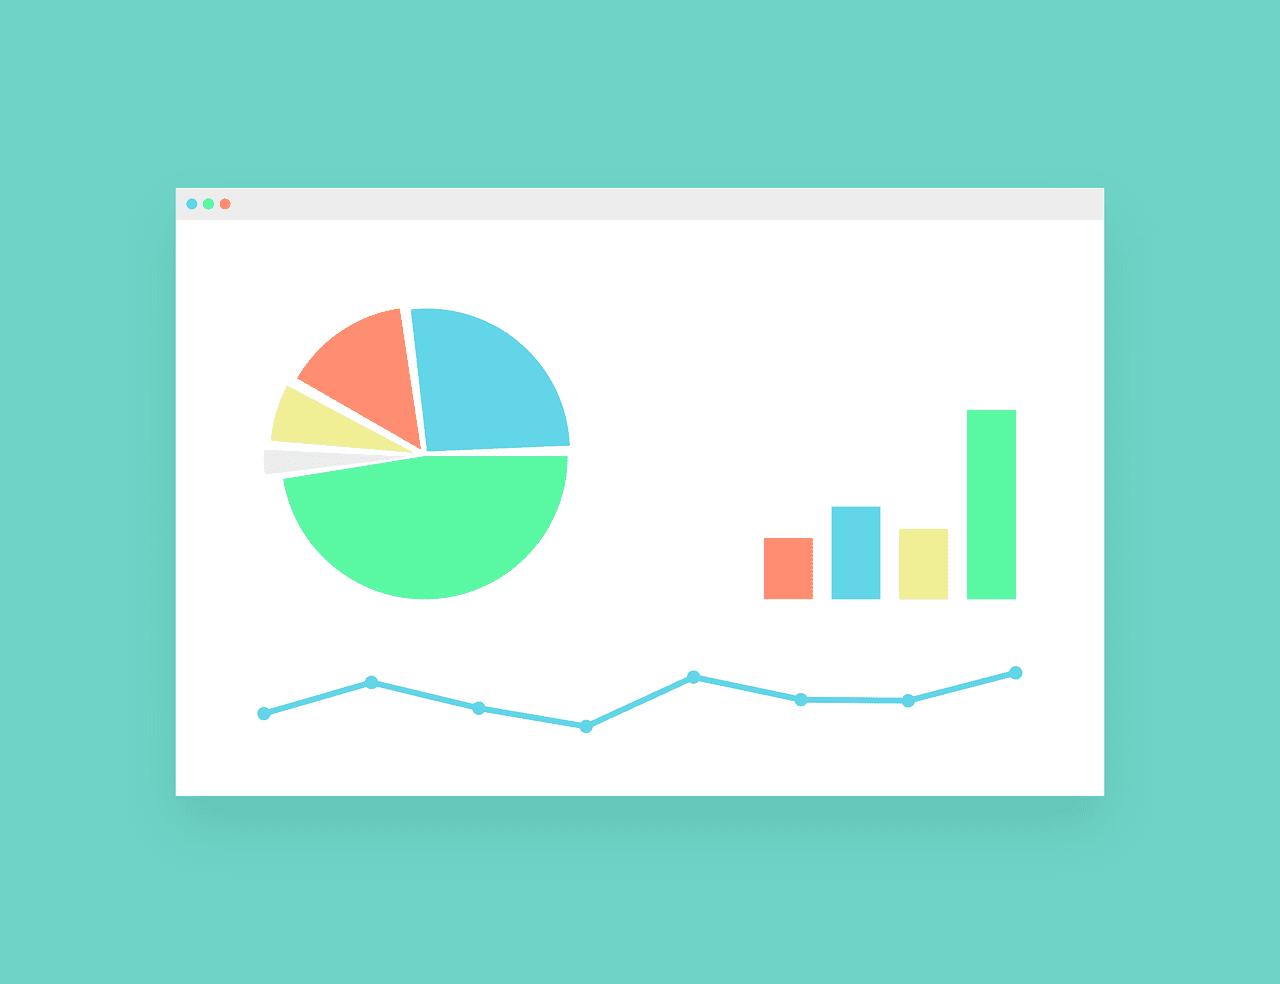 SEO対策のメリットとデメリットを理解して集客やサイト構築に役立てよう